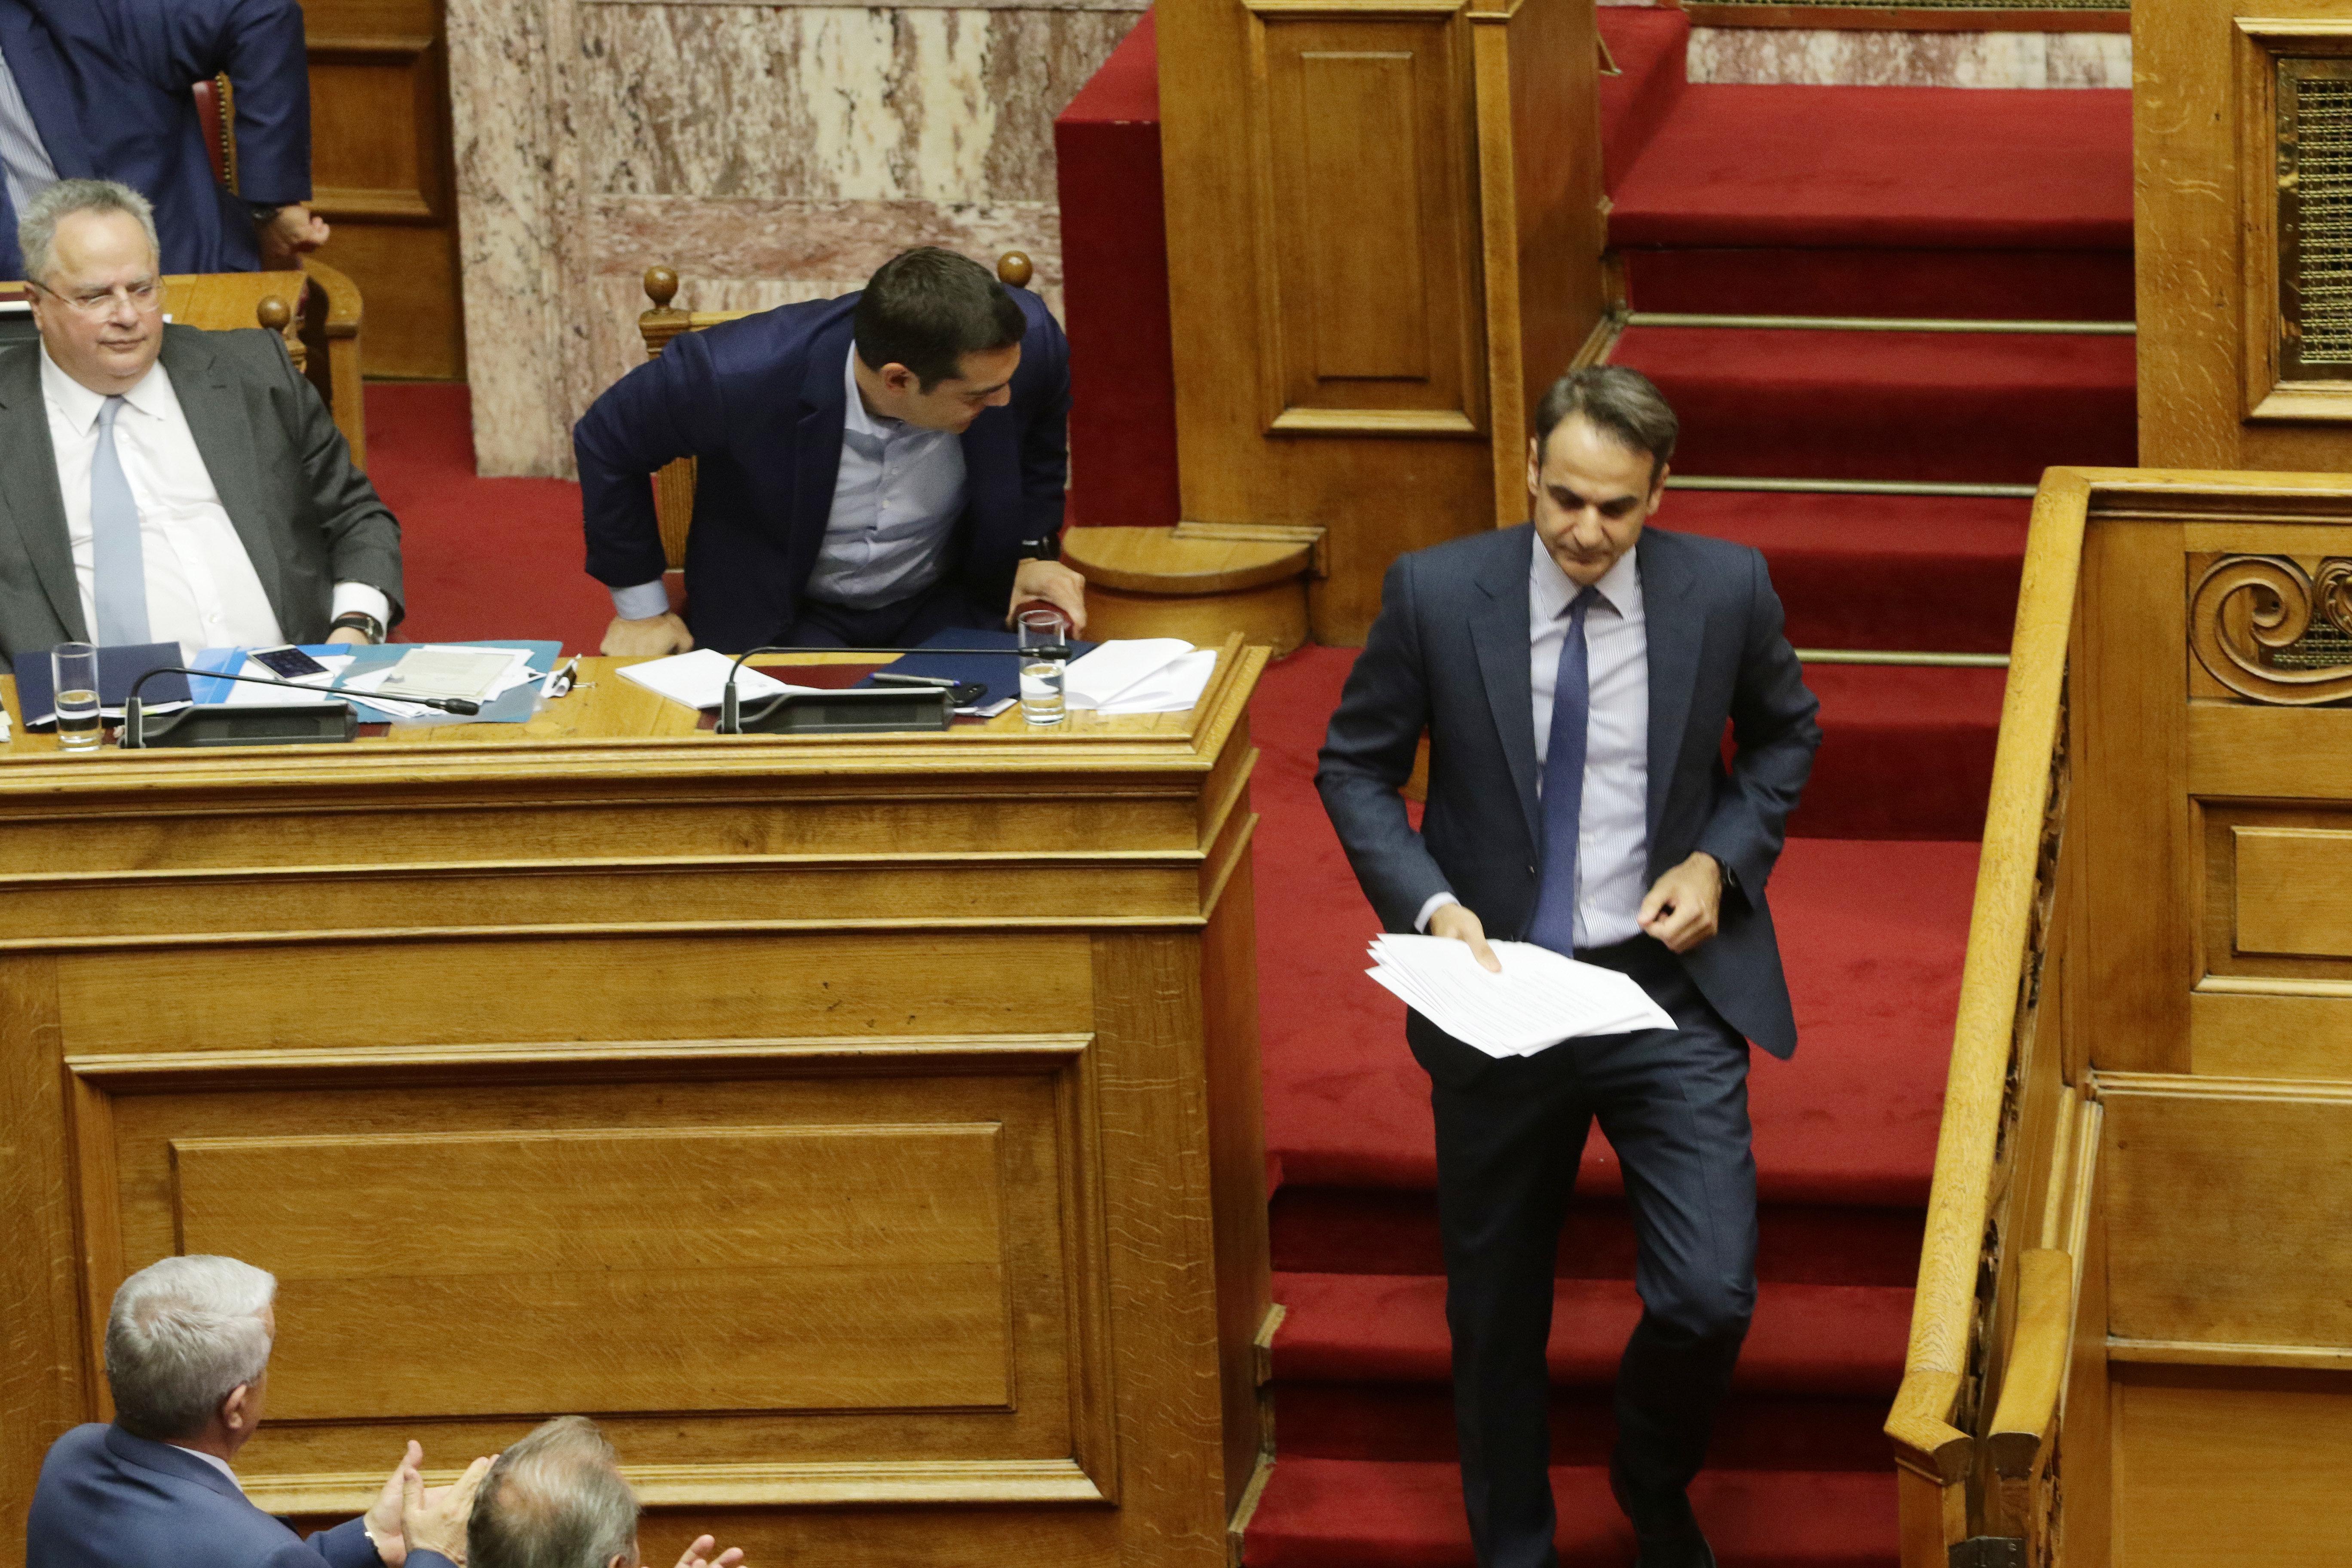 Μητσοτάκης: «Ο κ. Τσίπρας και η κυβερνητική πλειοψηφία εκχώρησαν τη μακεδονική εθνότητα και τη μακεδονική